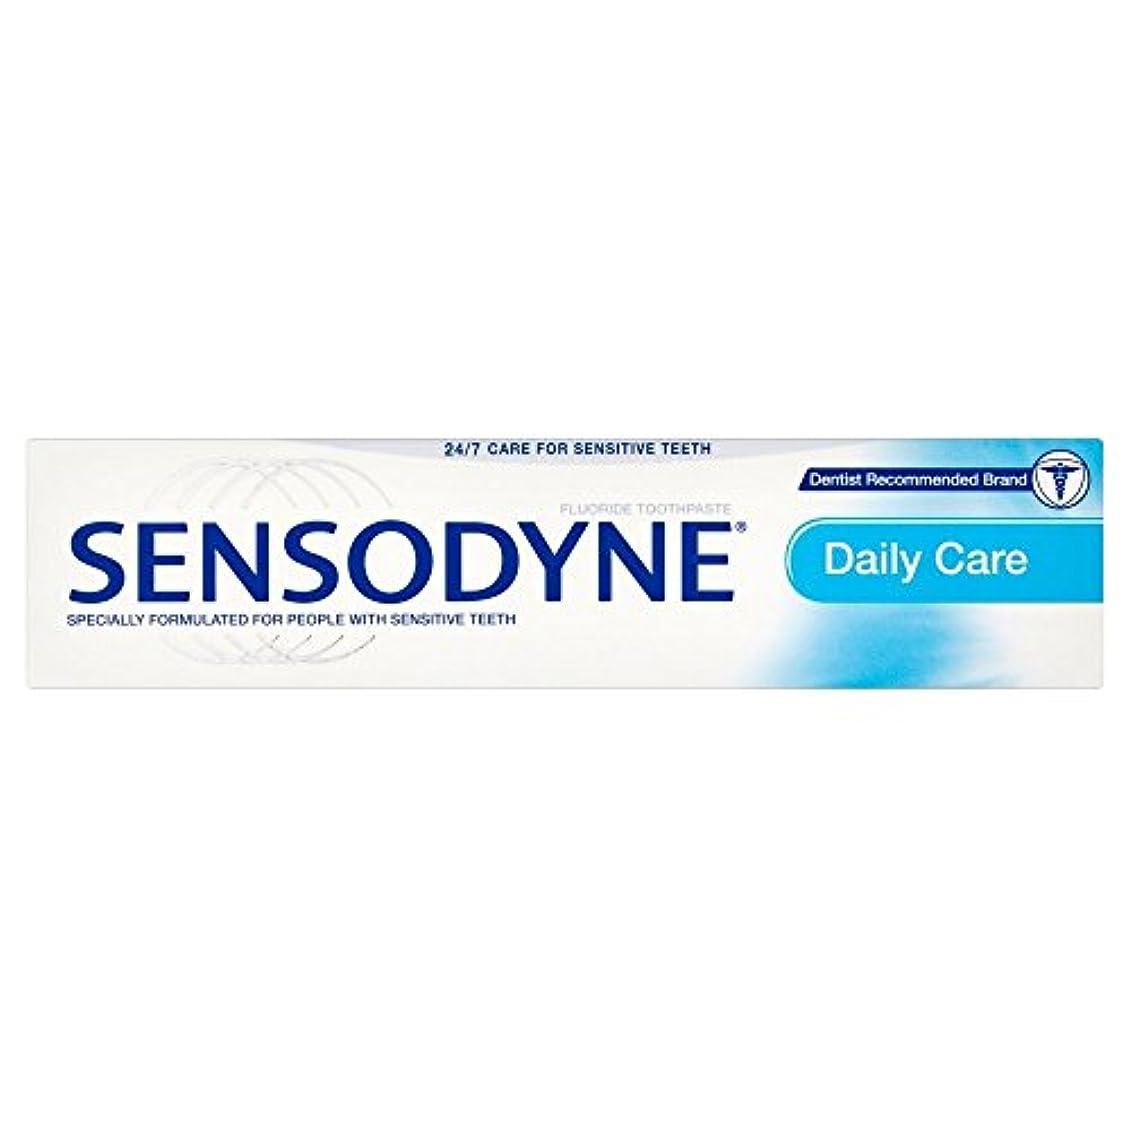 説得ガム満たすSensodyne Daily Care Fluoride Toothpaste (75ml) Sensodyne毎日のケアフッ化物歯磨き粉( 75ミリリットル) [並行輸入品]